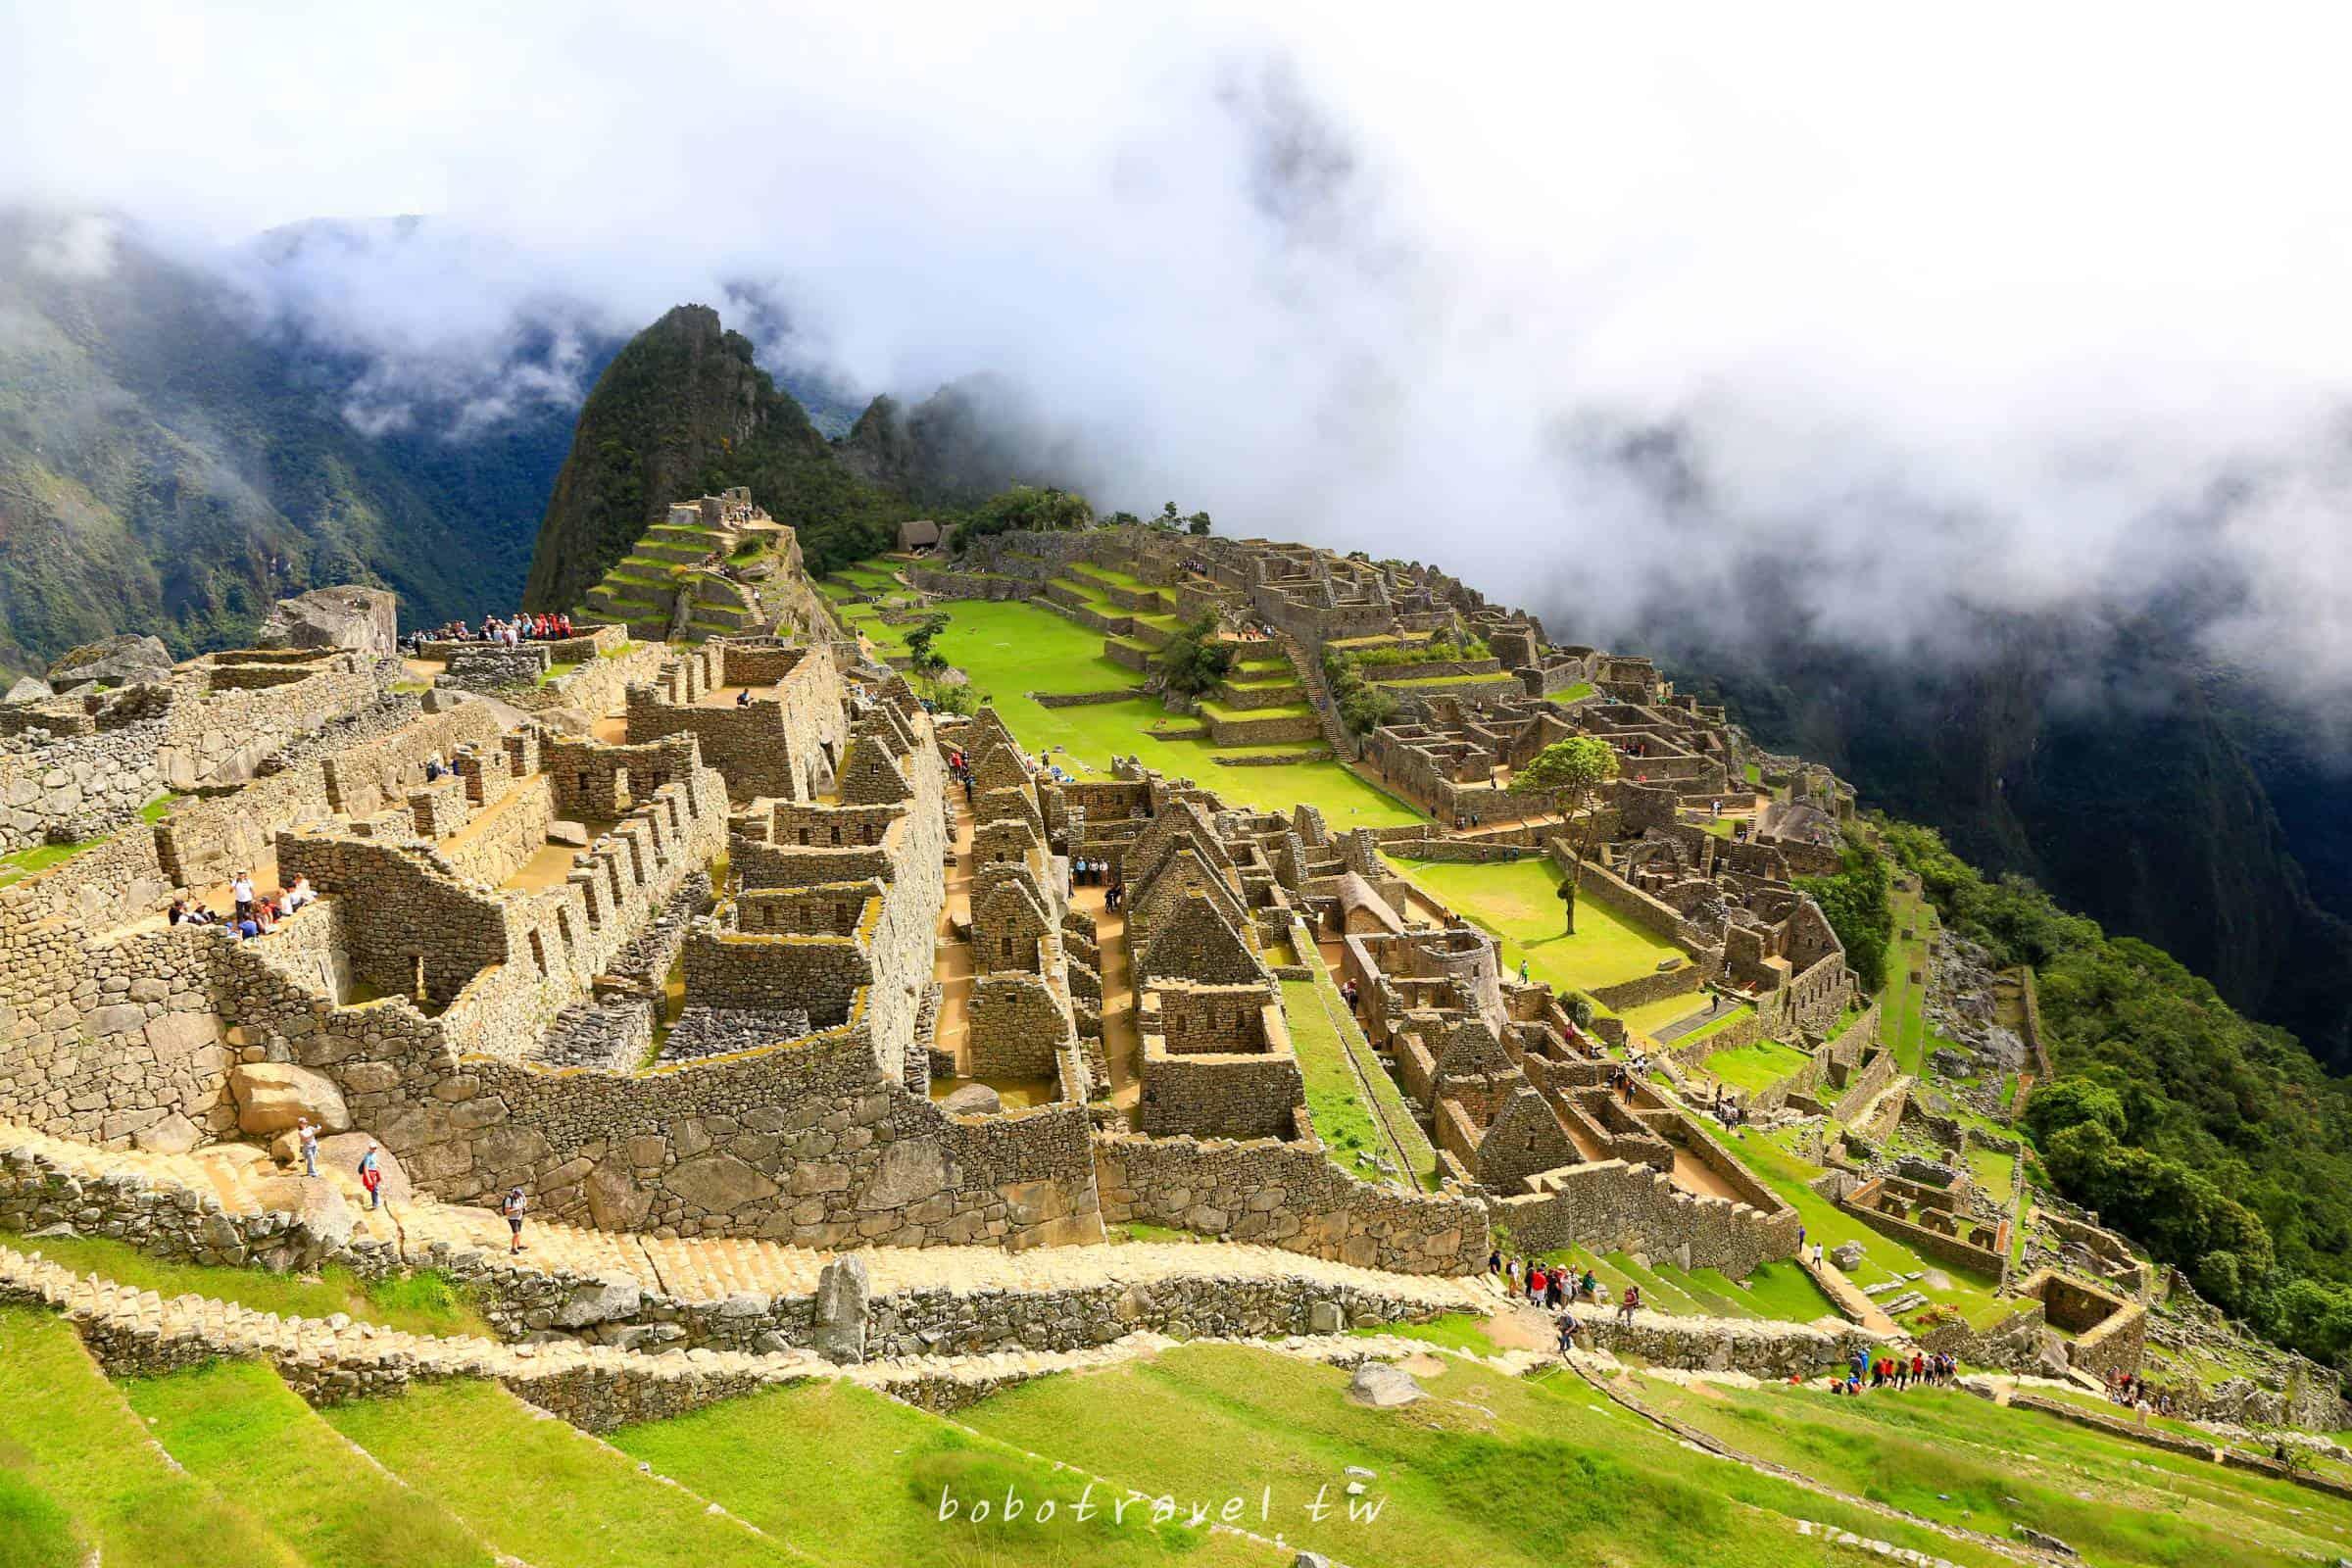 秘魯、馬丘比丘攻略|一篇搞定馬丘比丘+瓦納比丘!行前準備、交通、門票預訂、建議路線、費用總整理